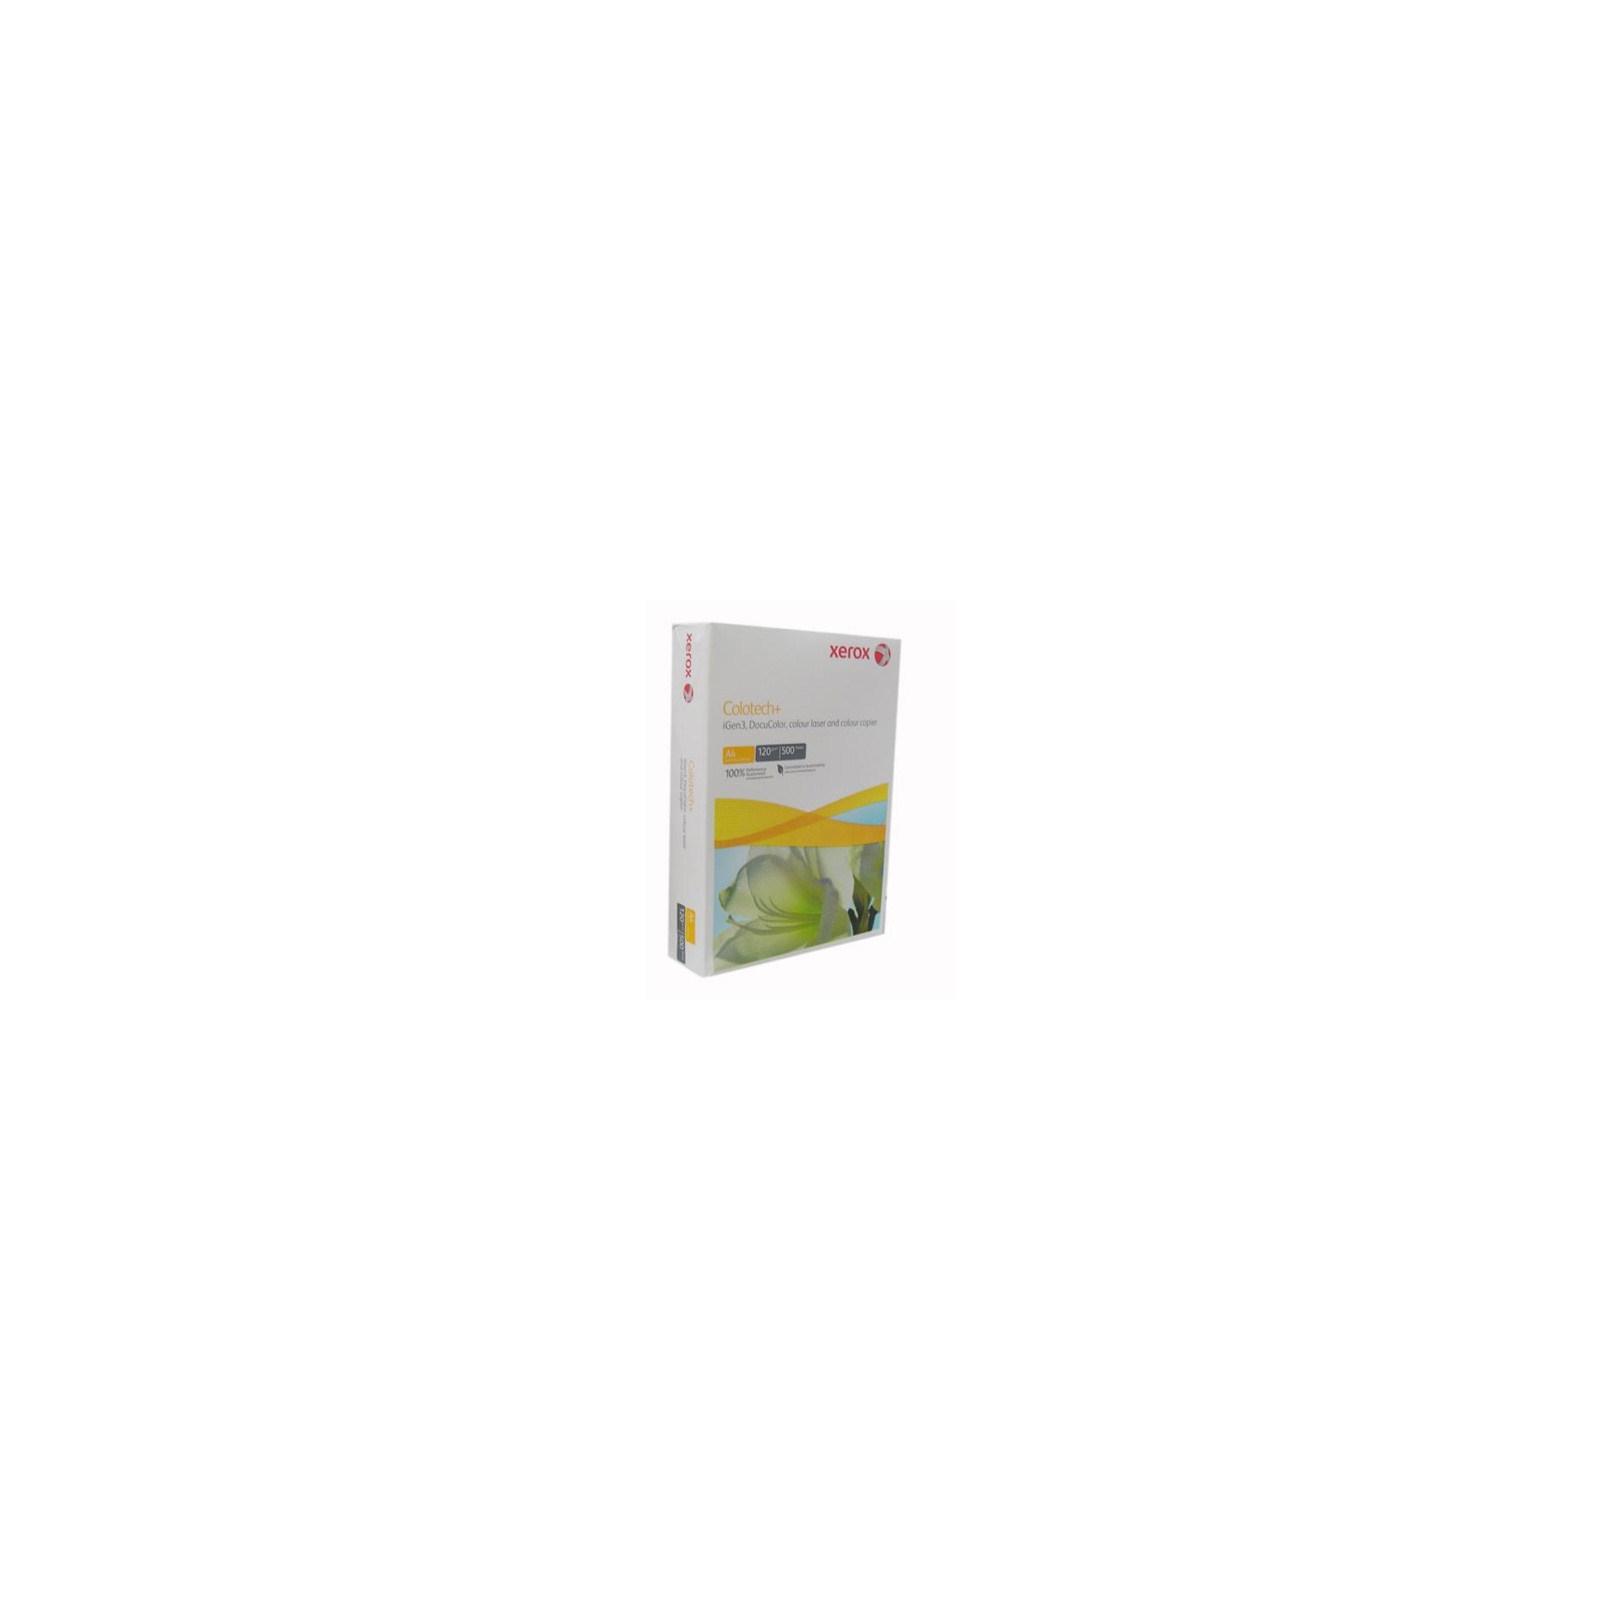 Бумага XEROX A4 COLOTECH + (003R94651)